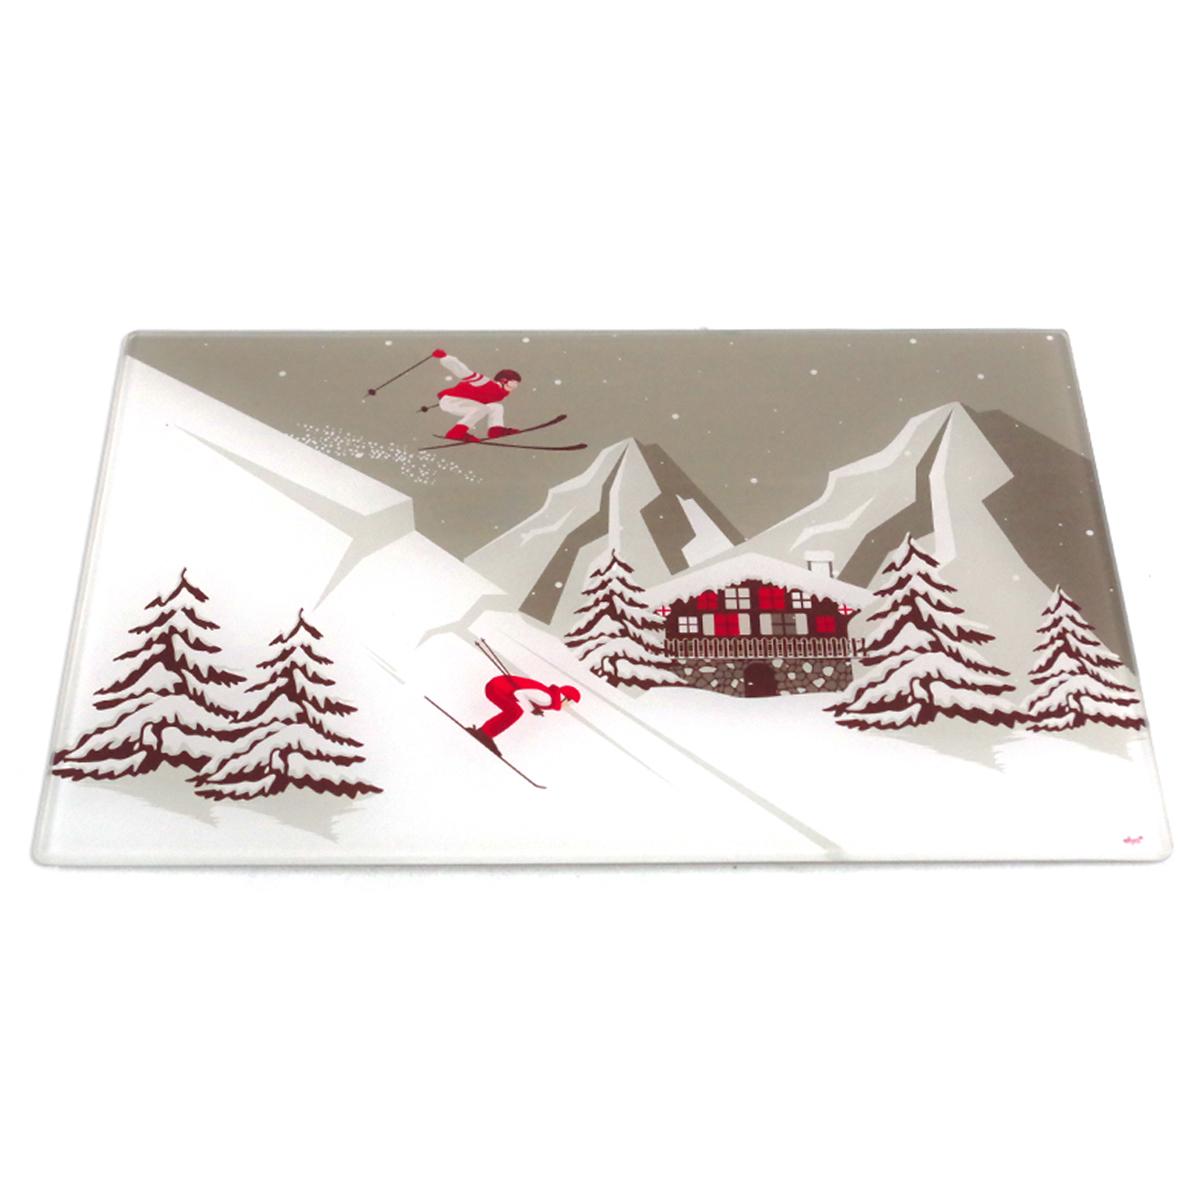 Planche à découpe / dessous de plat verre  \'Montagne\' gris blanc rouge (ski) - 30x20 cm - [A1100]